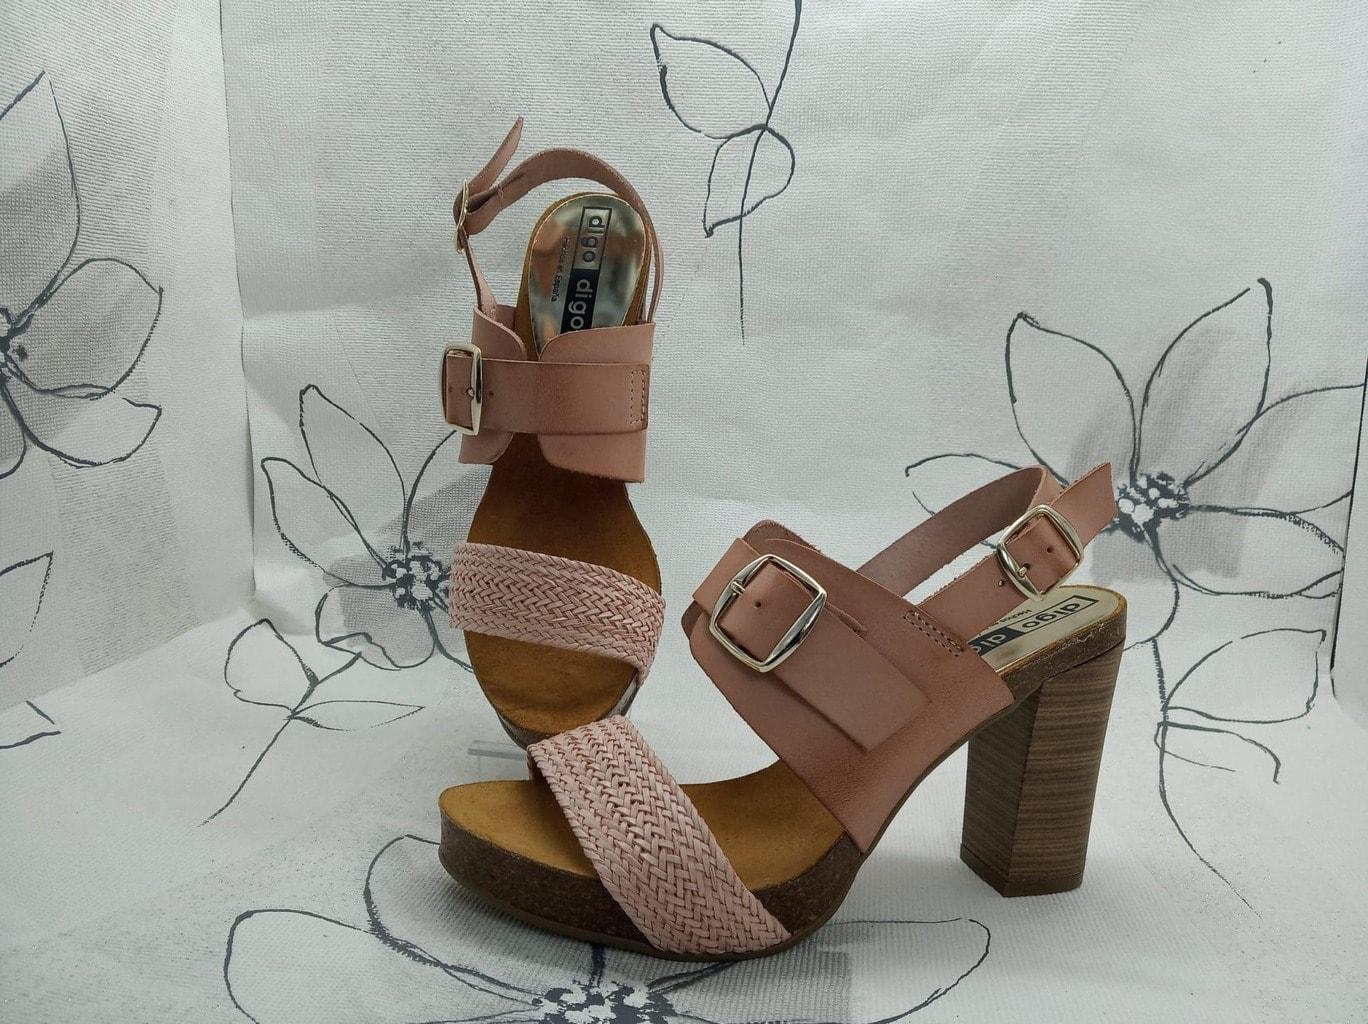 Sandalia de señora de tacon -rosa - Digo 7146 Talla 40